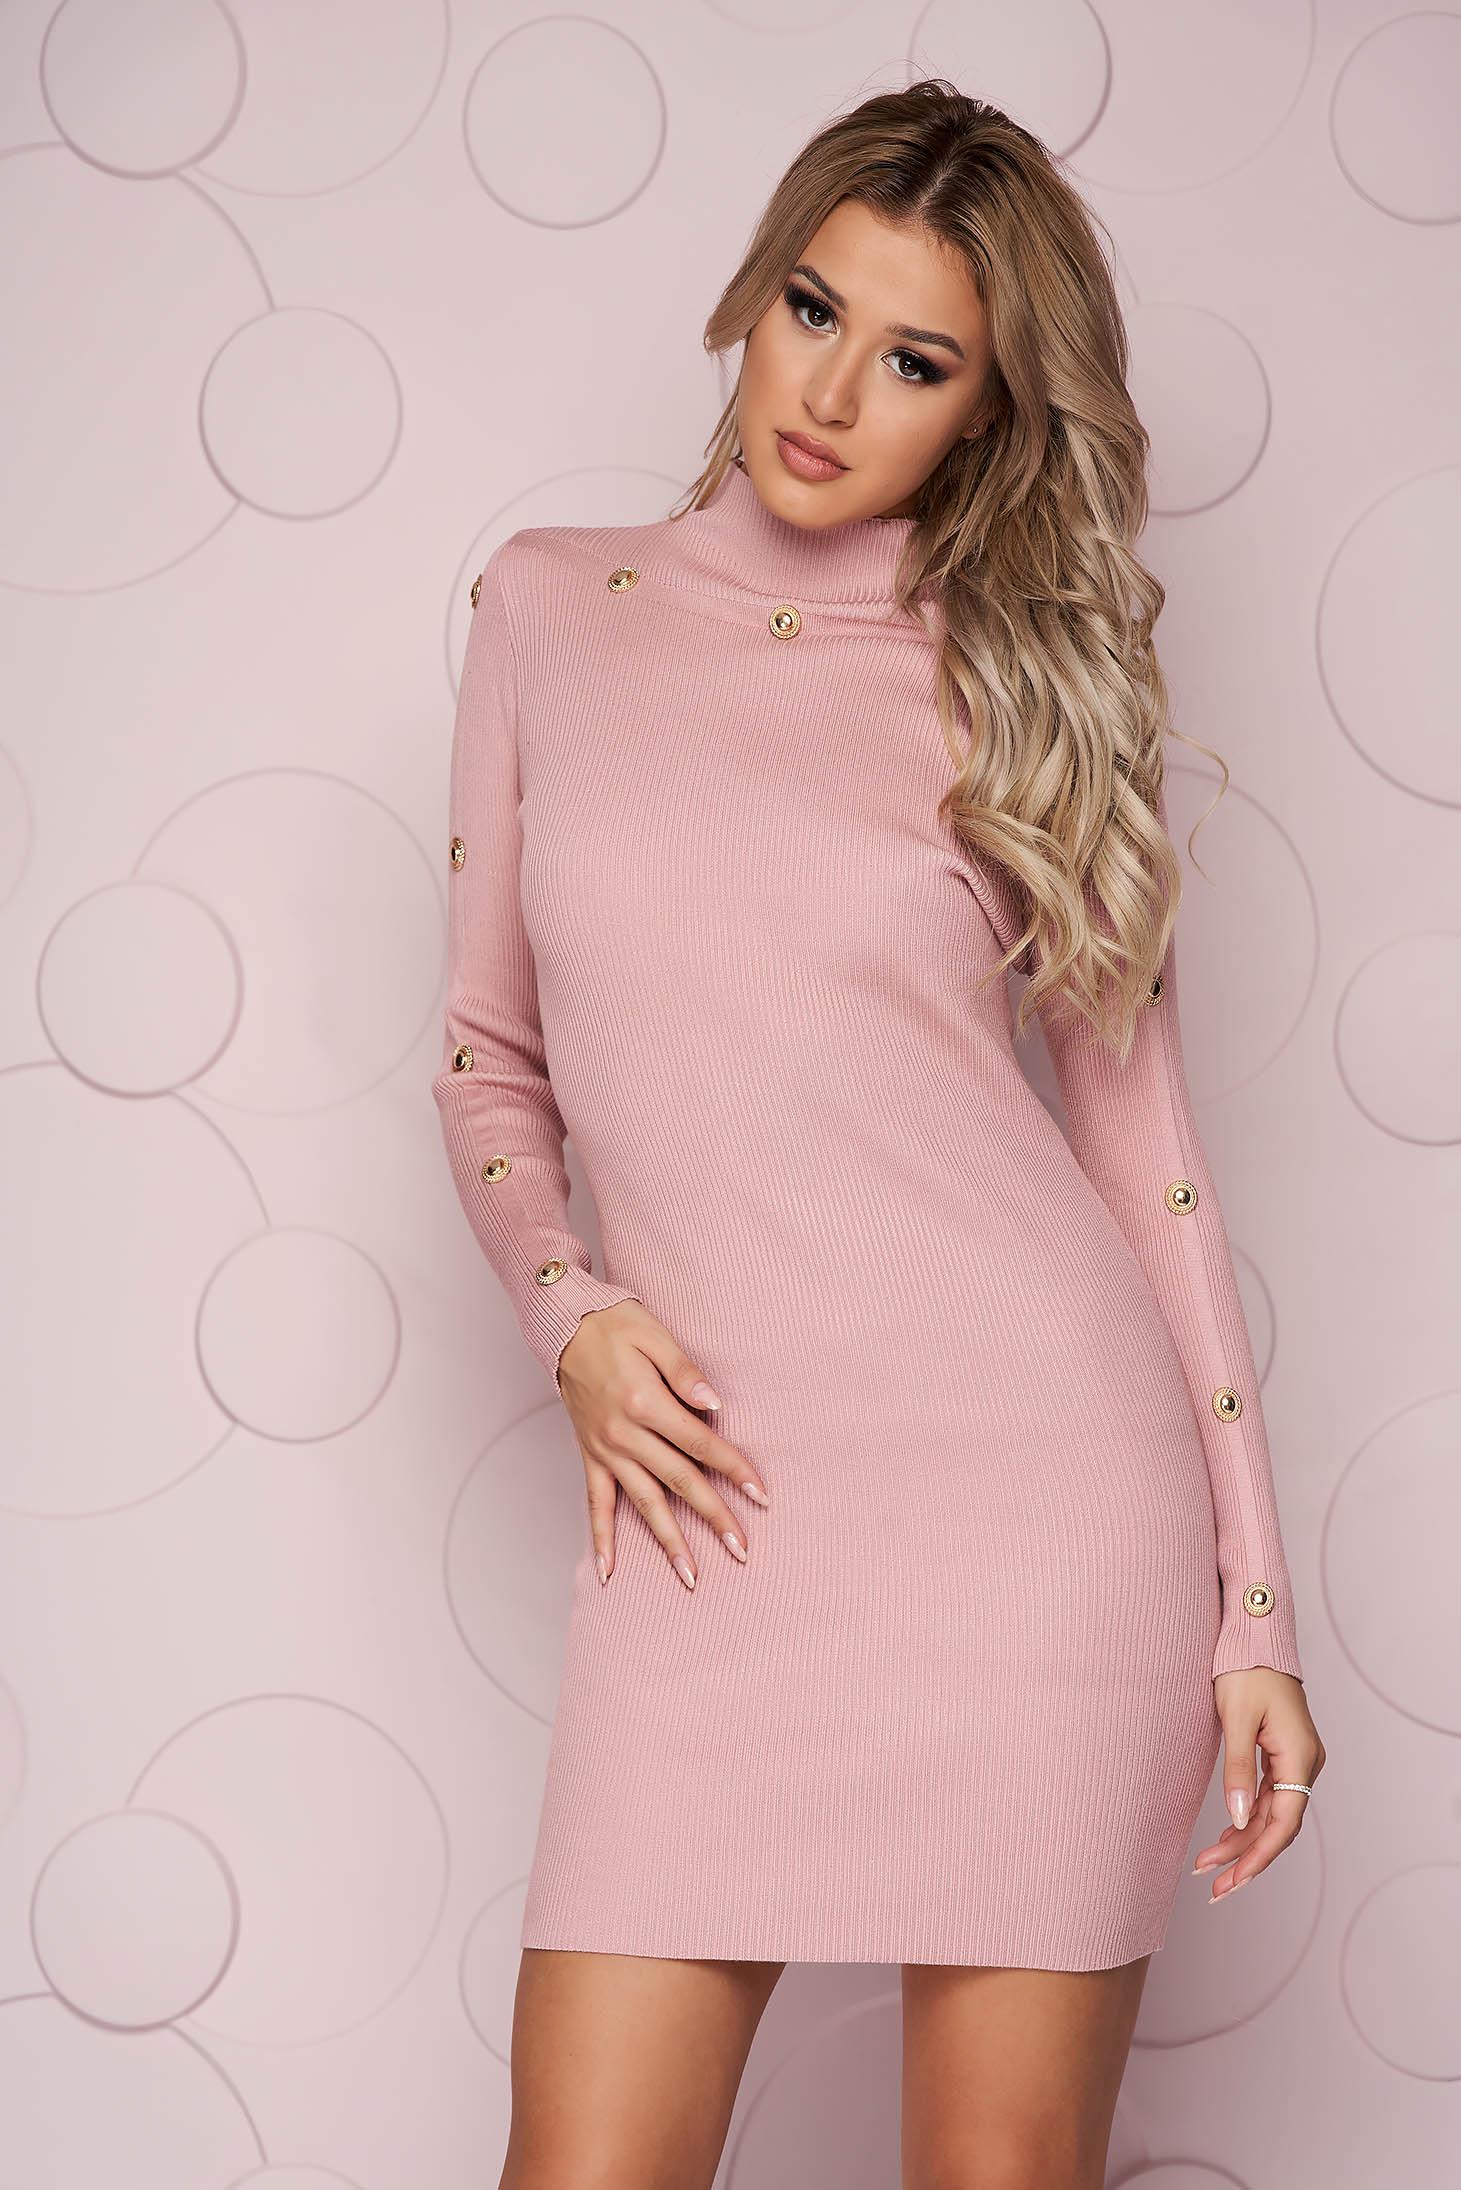 Rochie SunShine roz prafuit scurta cu un croi mulat din material tricotat accesorizata cu nasturi aurii